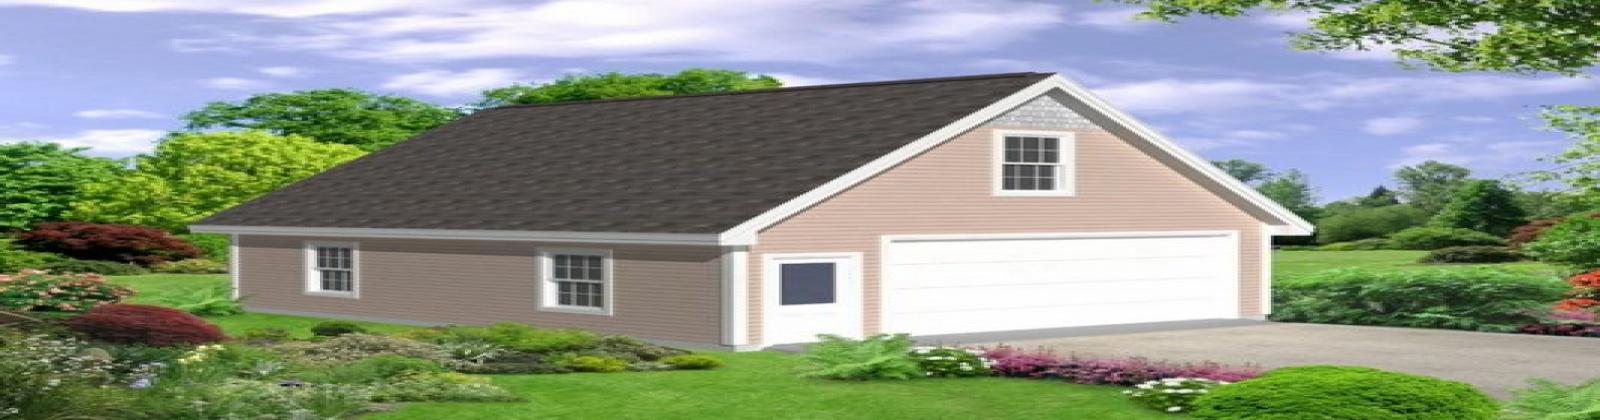 Michigan,United States,Detached Garage,1050